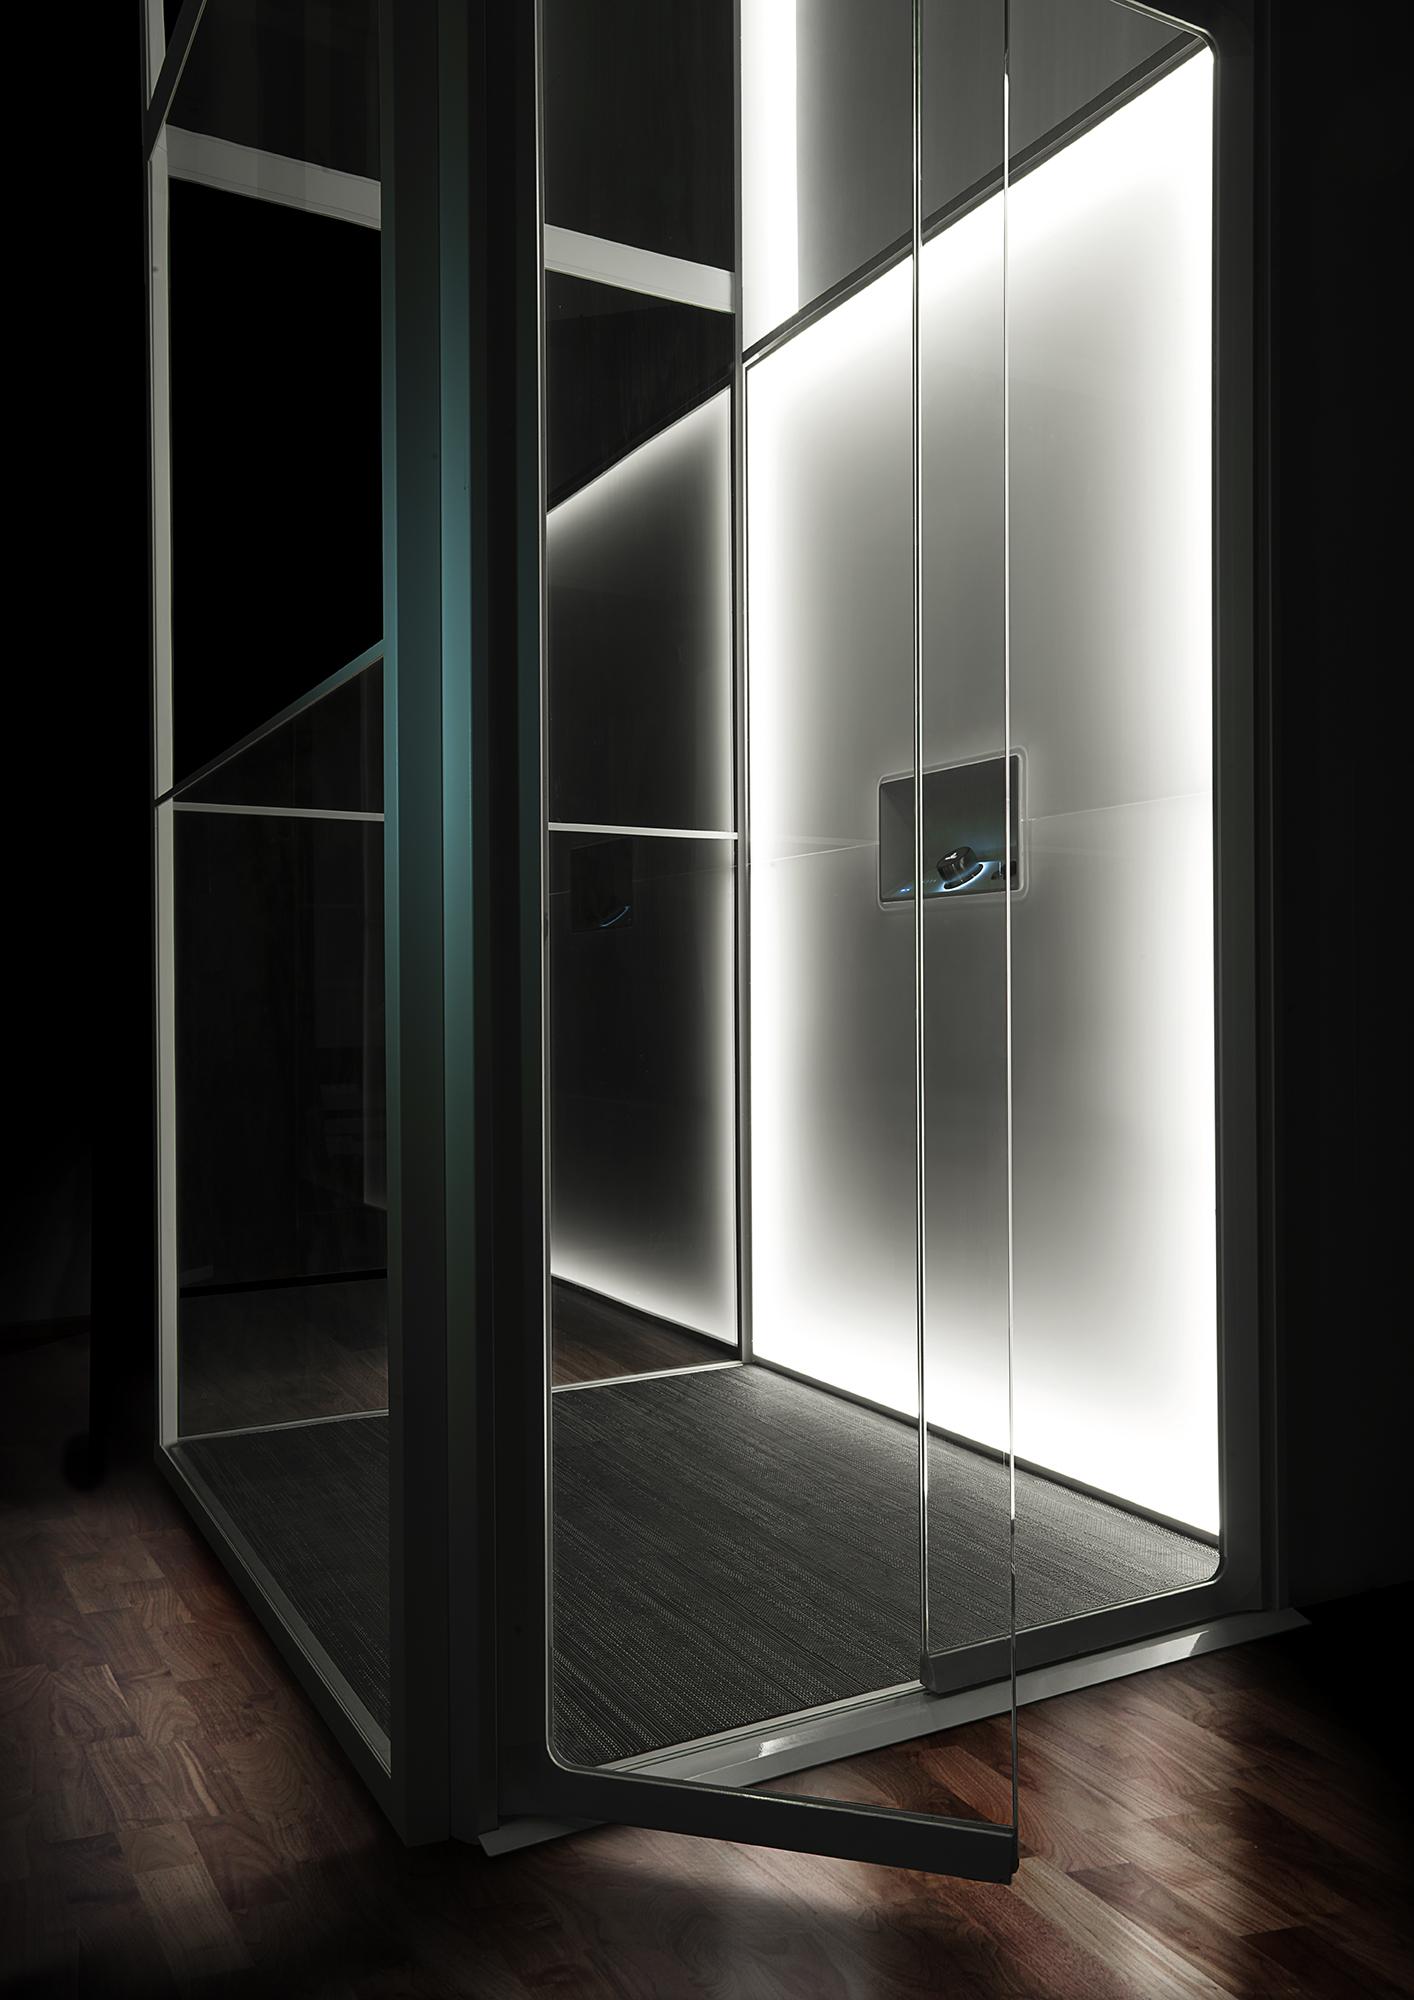 ascenseur privatif ascenseur pour particulier ascier. Black Bedroom Furniture Sets. Home Design Ideas